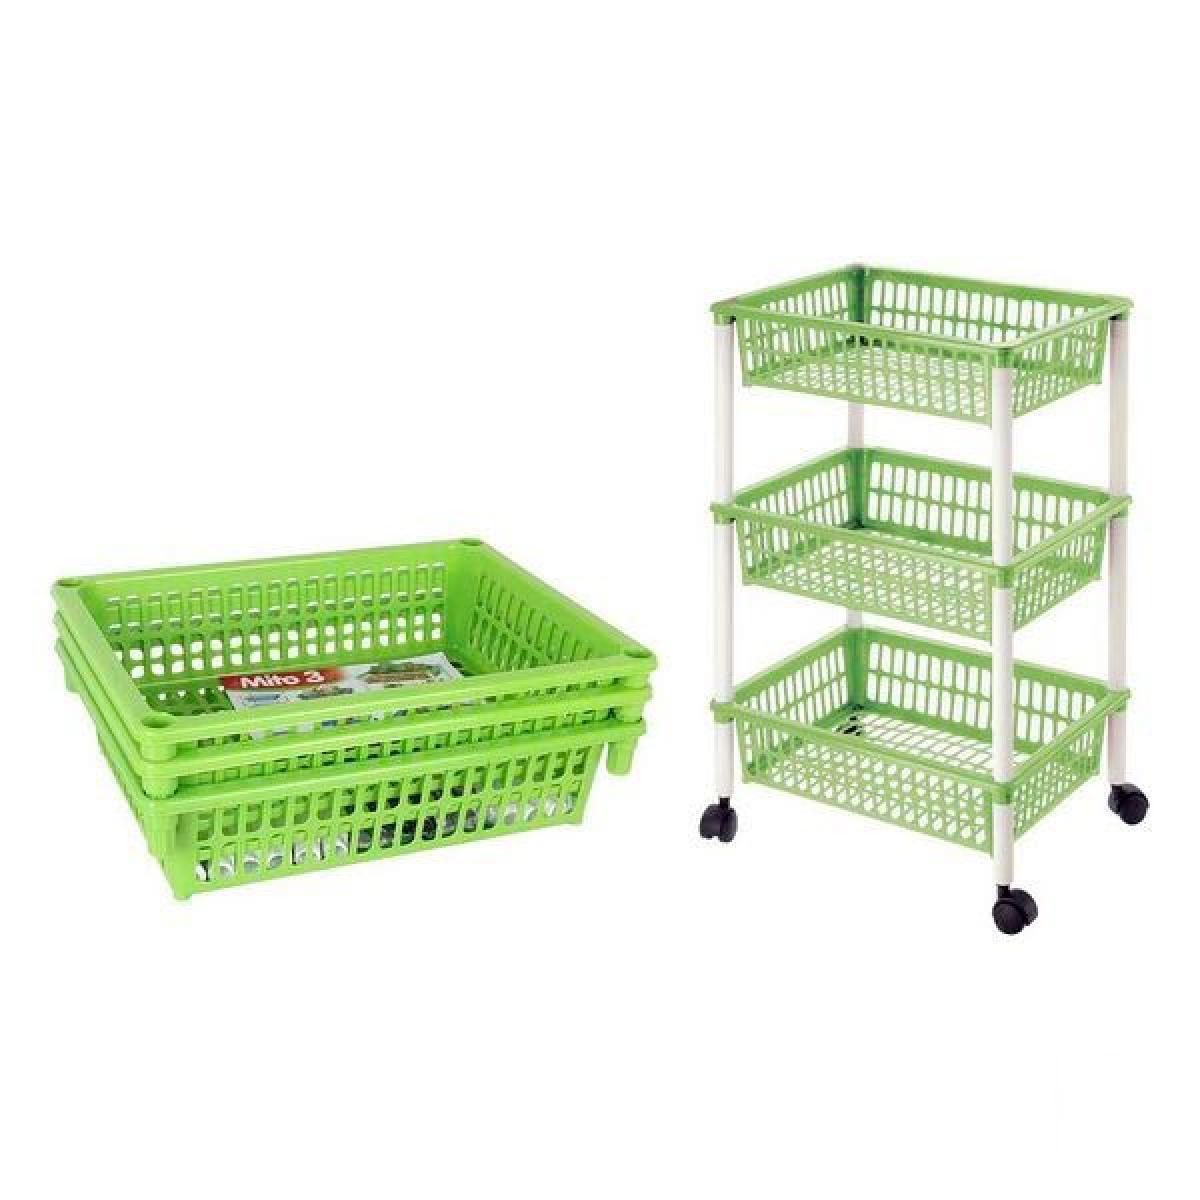 Totalcadeau Chariot à légumes démontable en plastique 3 tiroirs avec roues (40 X 29 x 62 cm) Couleur - Bleu